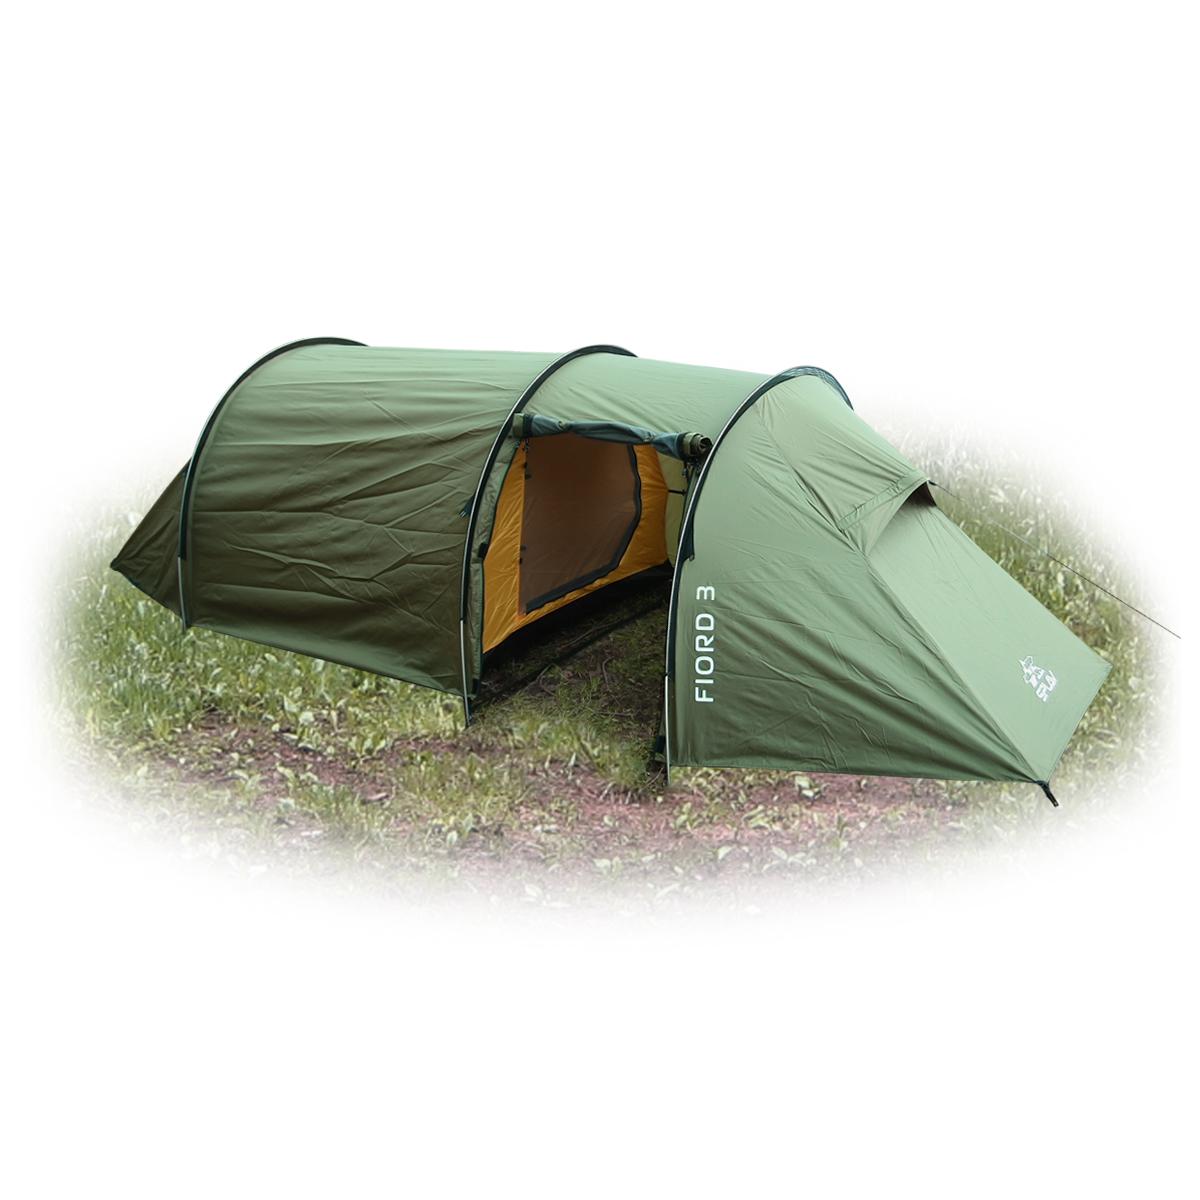 Палатка Сплав Fiord 3, 3-местная,цвет: зеленый5050650Сплав Fiord 3 - туристическая палатка тоннельного типа с комфортным внутренним объемом и большим тамбуром. Конструкция на 3-х внешних дугах позволяет быстро установить палатку в неблагоприятных погодных условиях. Палатка и тент могут устанавливаться одновременно. Возможна установка отдельно тента без внутренней палатки. Вентиляционные отверстия расположены по торцам палатки под защитными козырьками и продублированы противомоскитной сеткой. Обеспечивают хорошую проточную вентиляцию внутреннего объема. Вход в тамбур и основную палатку продублирован противомоскитной сеткой. Дополнительное большое вентиляционное окно в тамбуре закрывается водонепроницаемой шторкой на молнии. Веревки оттяжек имеют вплетенную светоотражающую нить. Петли крепления оттяжек на тенте продублированы светоотражающими полосами. Швы тента и дна проклеены.Количество мест: 3. Габариты и вес: Размеры внешней палатки, тента (Д х Ш х В): 425 х 195 х 115 см. Размеры спального места (Д х Ш х В): 220 х 170/110 х 105 см. Размеры в упакованном виде (Д х Ш х В): 50 х 25 х 16 см. Полный вес: 4,30 кг. Минимальный вес (без чехла и колышков): 3,70 кг. Материалы: Внешний тент: Polyester 75D/190T PU8000 мм. Внутренняя палатка: Polyester R/S 68D/210T W/R. Дно: Polyester 100D PU 10000 мм. Дуги: Алюминиевый сплав 7001 T6 O8,5 мм. Колышки: Trigonal aluminium pin. Фурнитура: YKK.